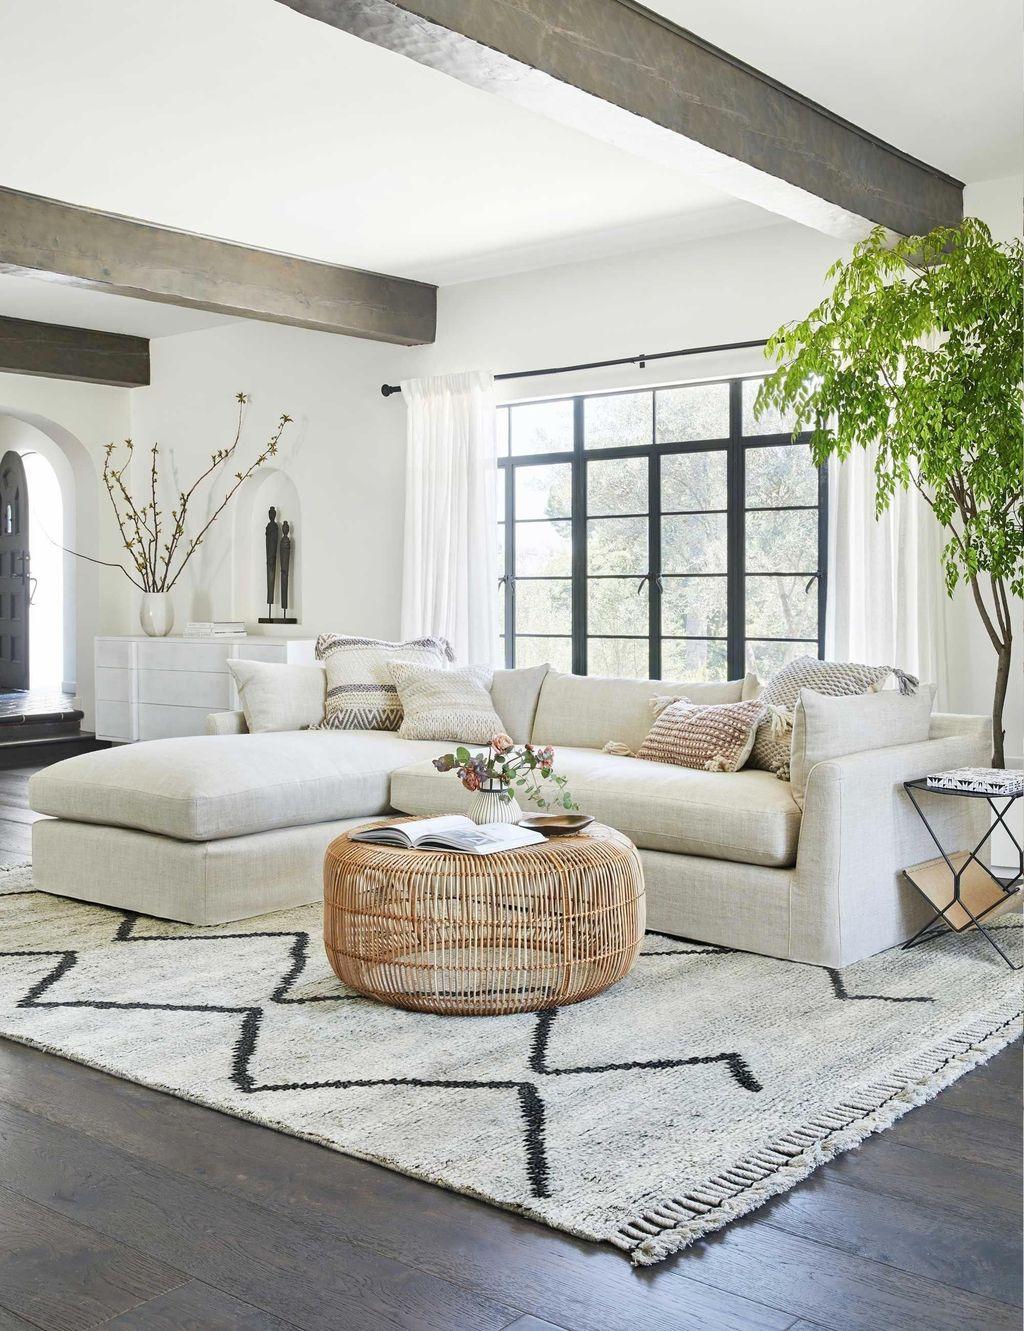 Amazing Contemporary Living Room Design Ideas You Should Copy 33